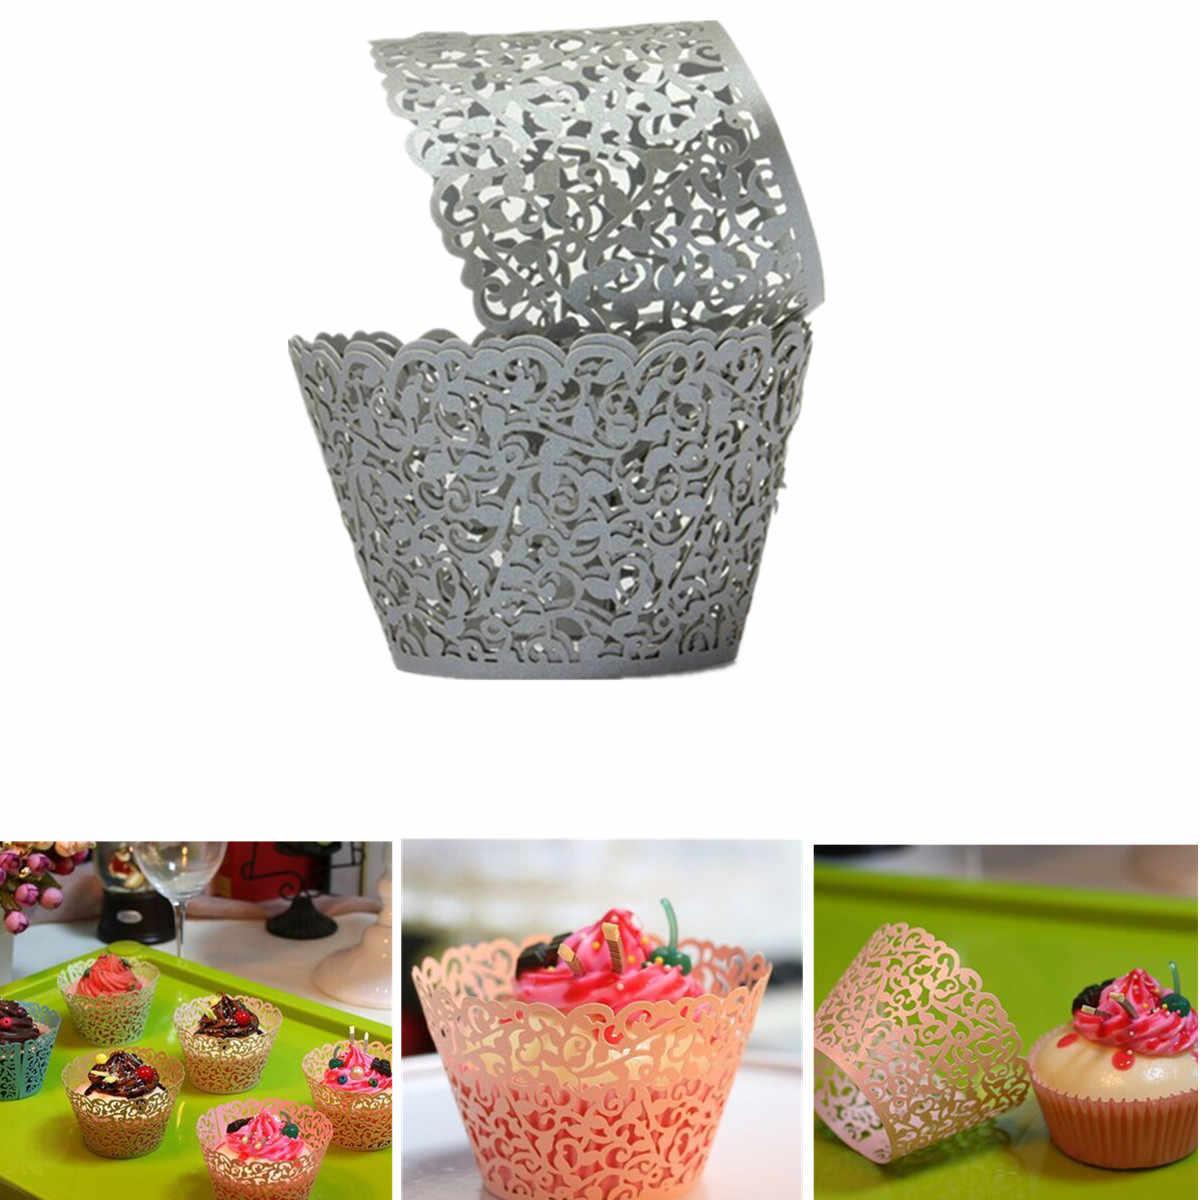 50 шт кружевная лазерная резка обертка для кексов форма для выпечки чашки DIY для выпечки фонданта кекс одежда для свадьбы, дня рождения Рождественское украшение